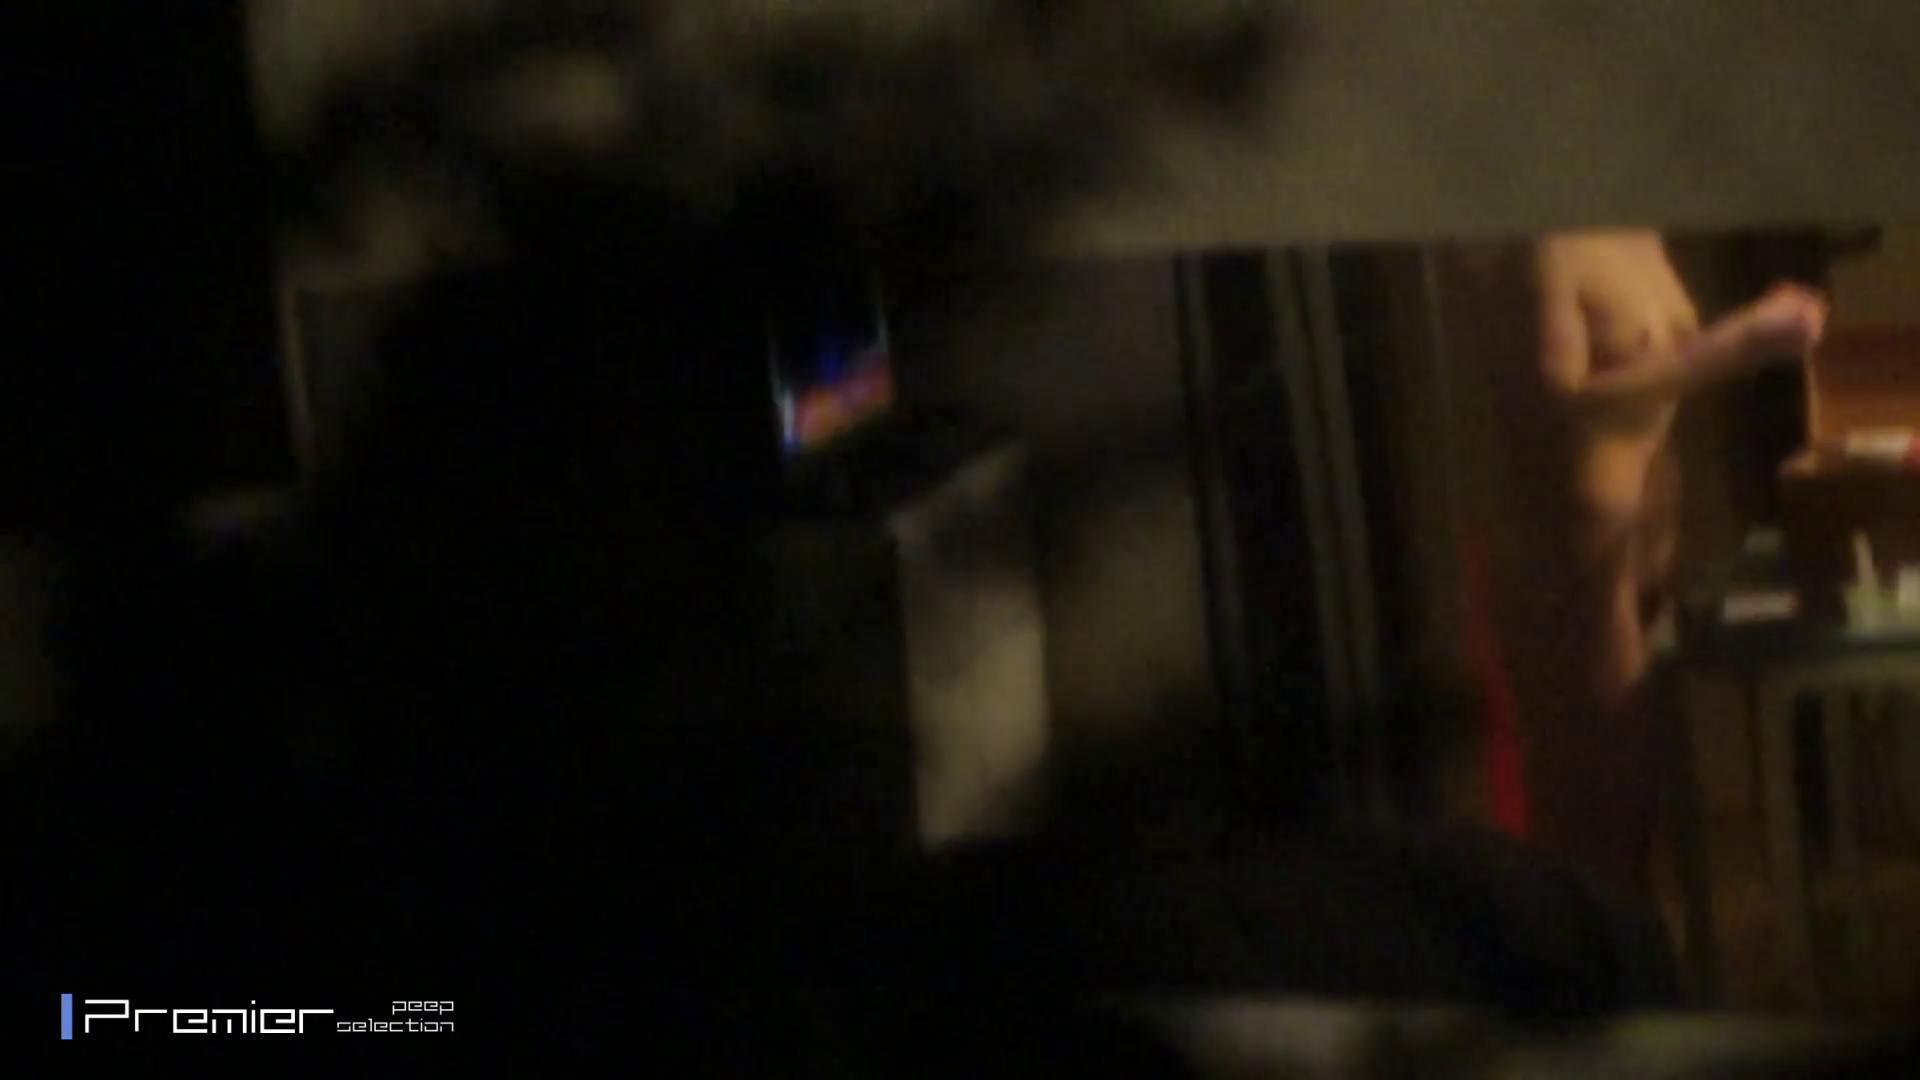 美女達の私生活に潜入!★永久保存版★モデル達の私生活 完全版 潜入  60pic 4